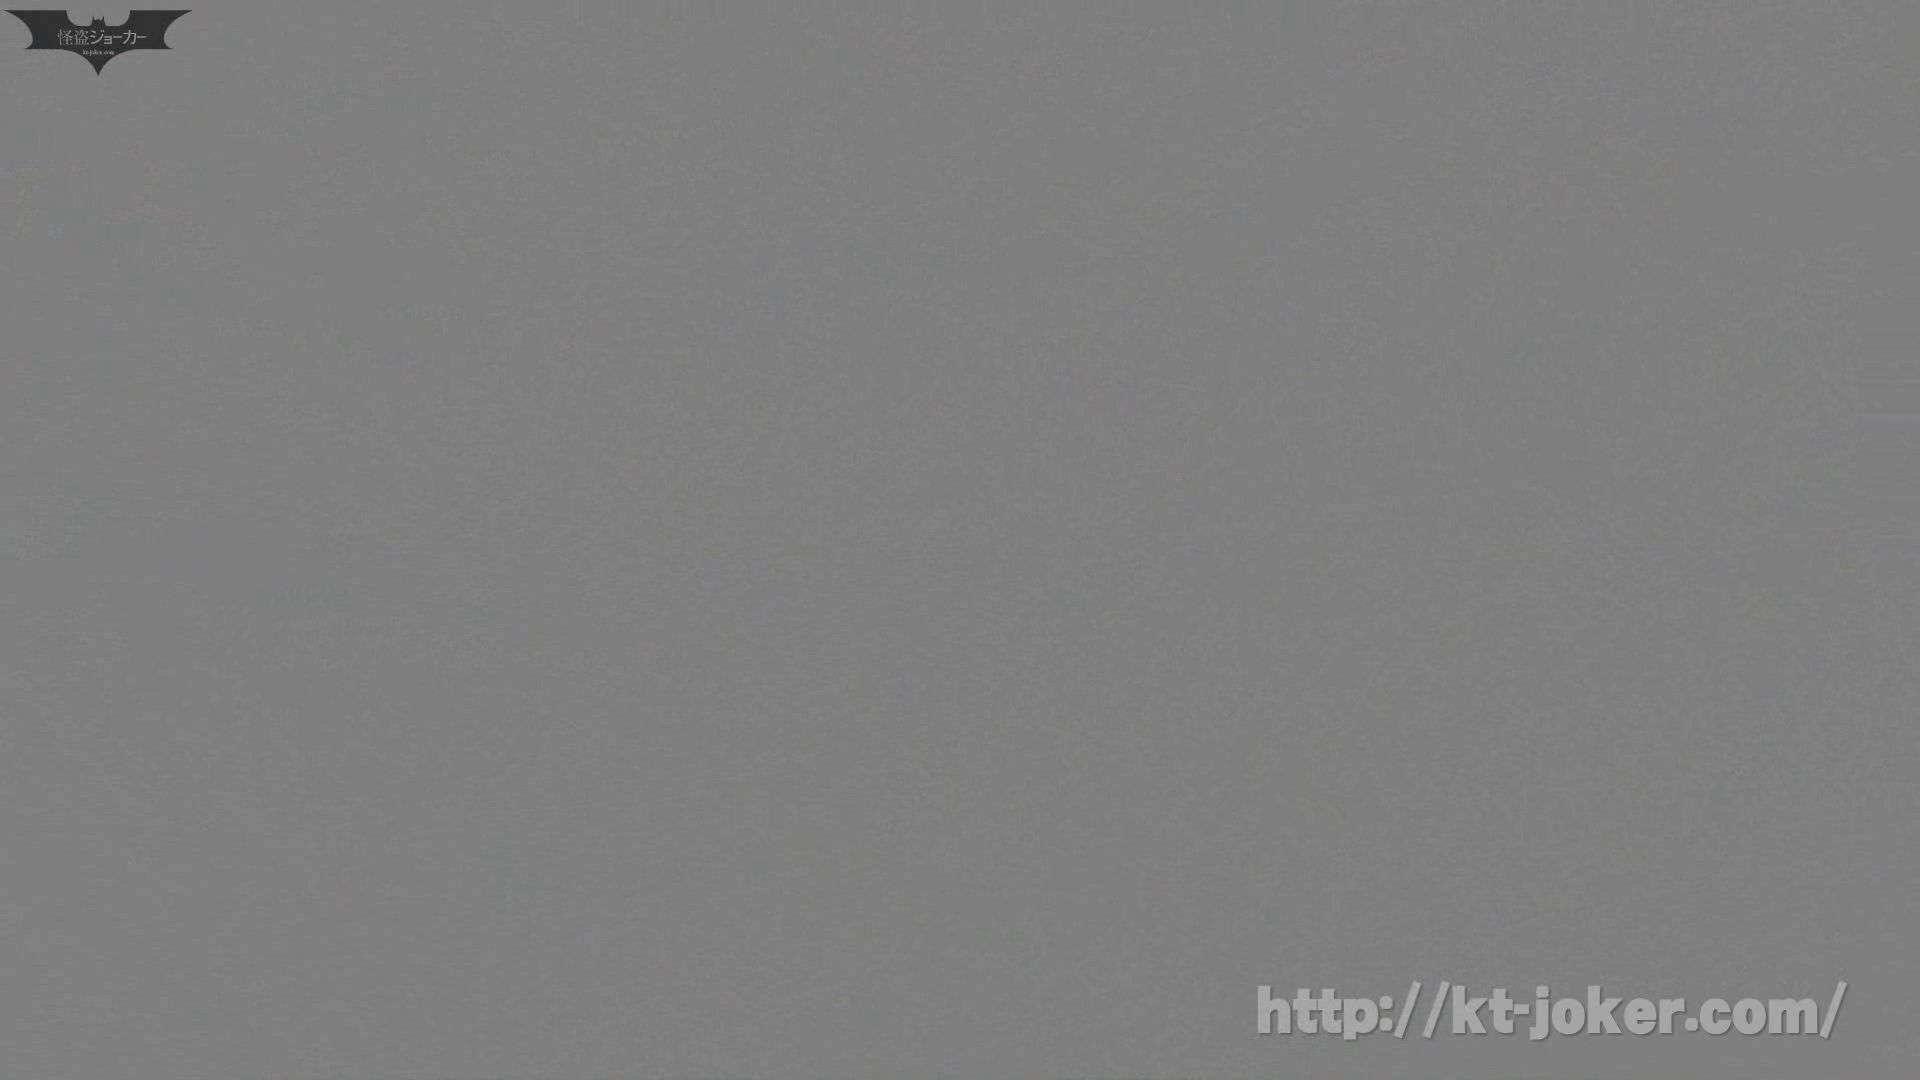 命がけ潜伏洗面所! vol.55 モデル級?「いやモデルだね!」な美女登場! OLヌード天国 隠し撮りオマンコ動画紹介 96PIX 57